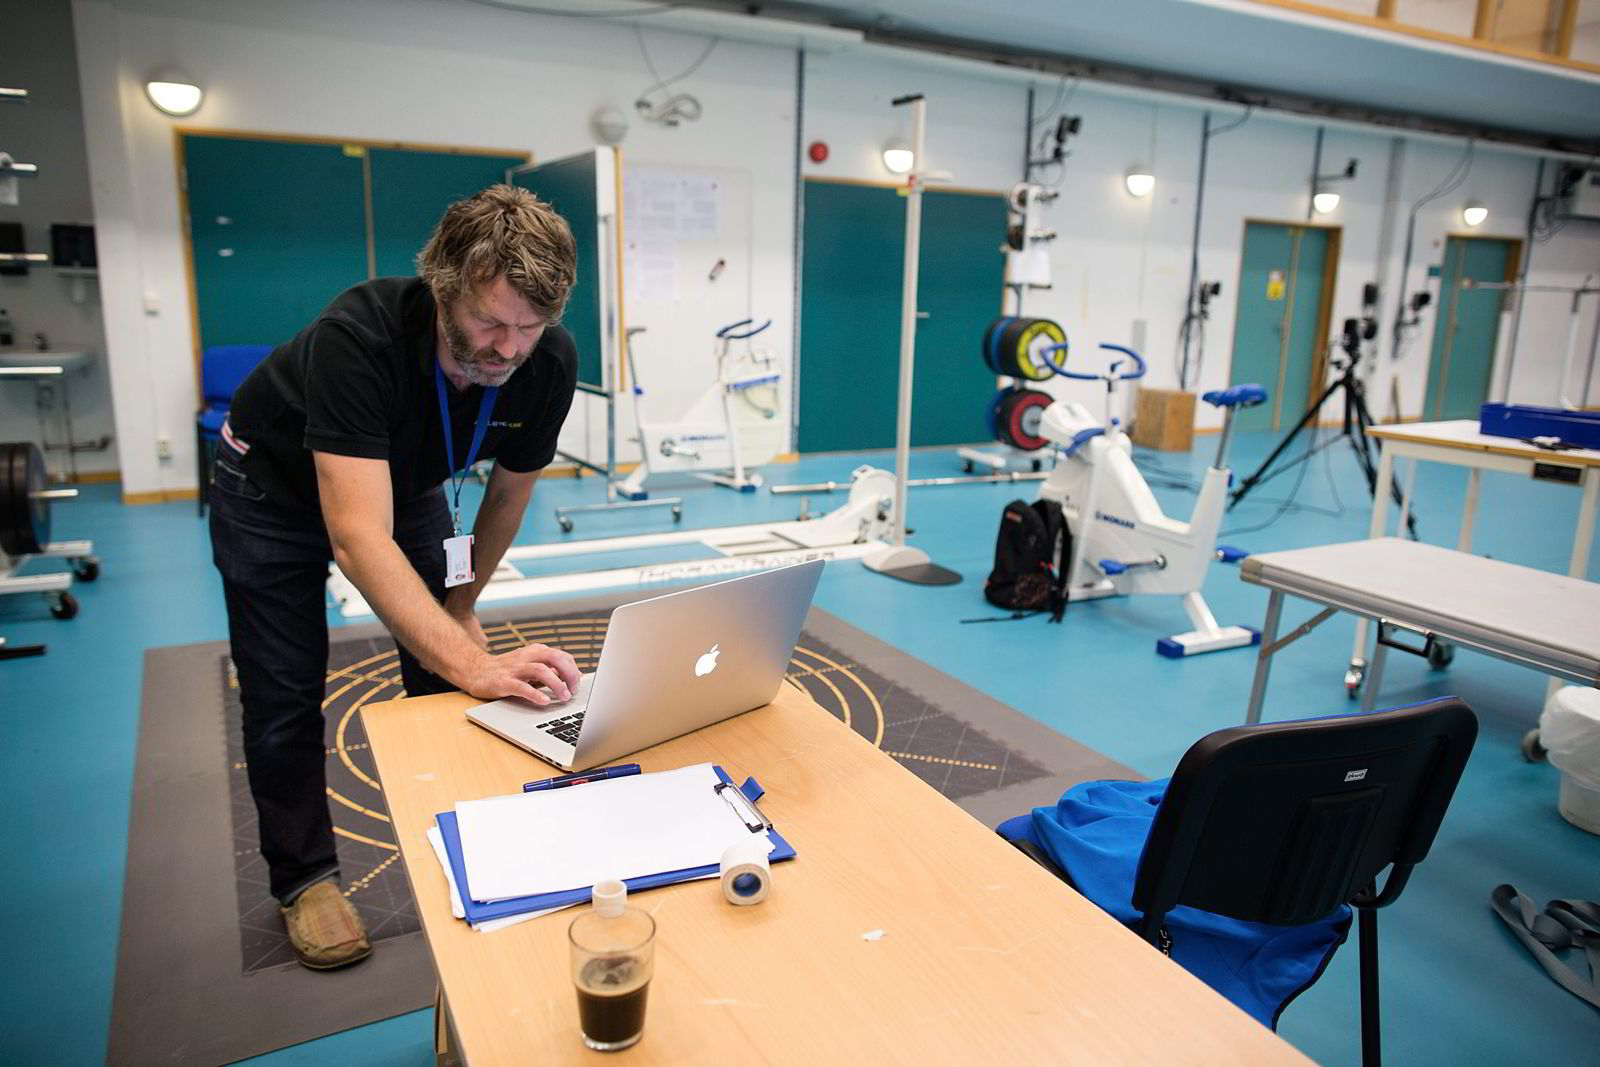 NY METODE. Ola Eriksrud har jobbet med fysisk testing av utøvere både ved Idrettshøyskolen og Olympiatoppen i en årrekke. Nå har han utviklet et helt ny testmetode. Foto: